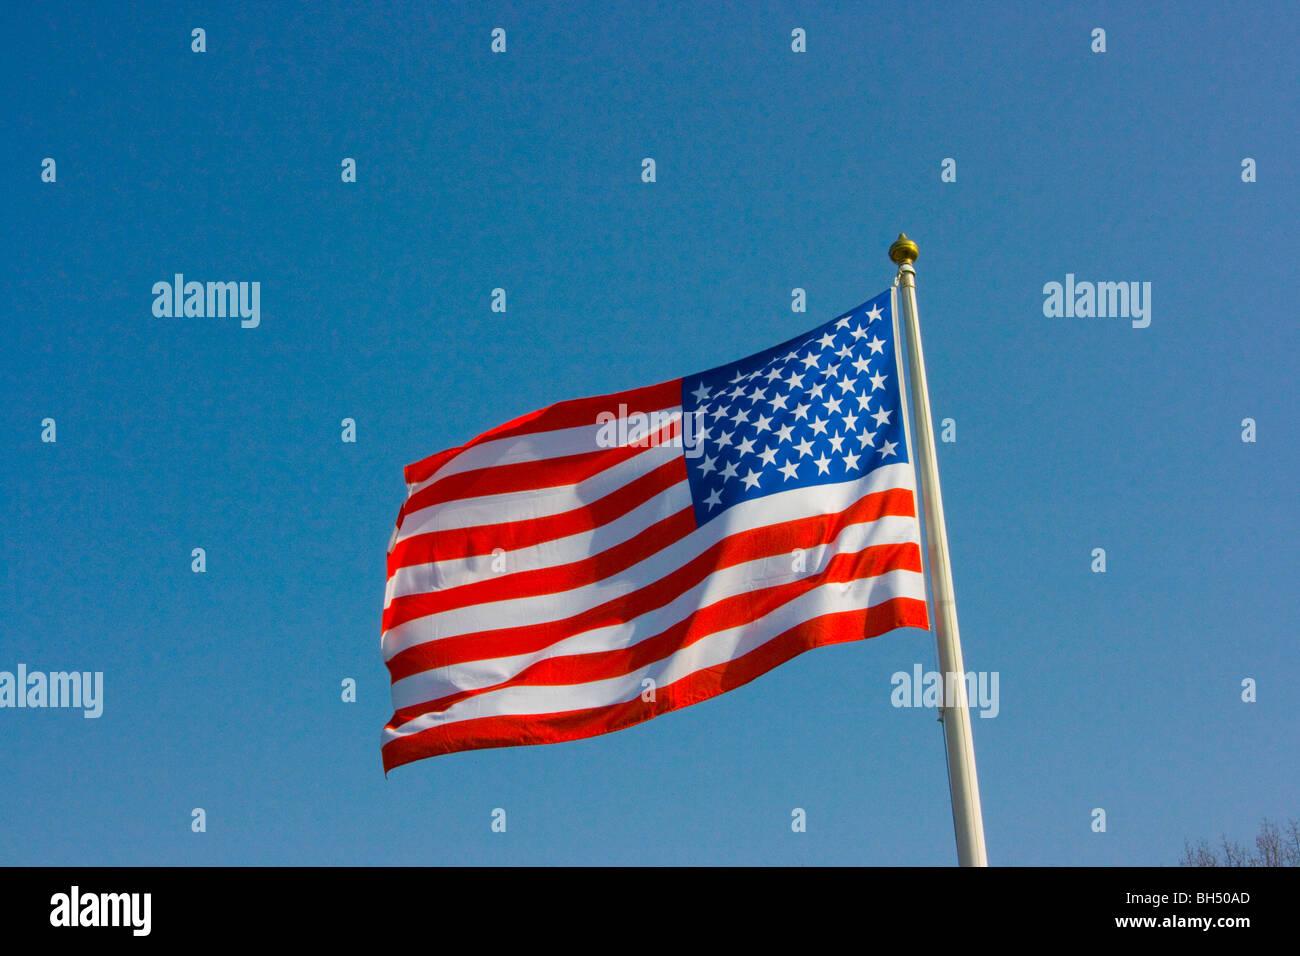 Stars and Stripes USA flag - Stock Image